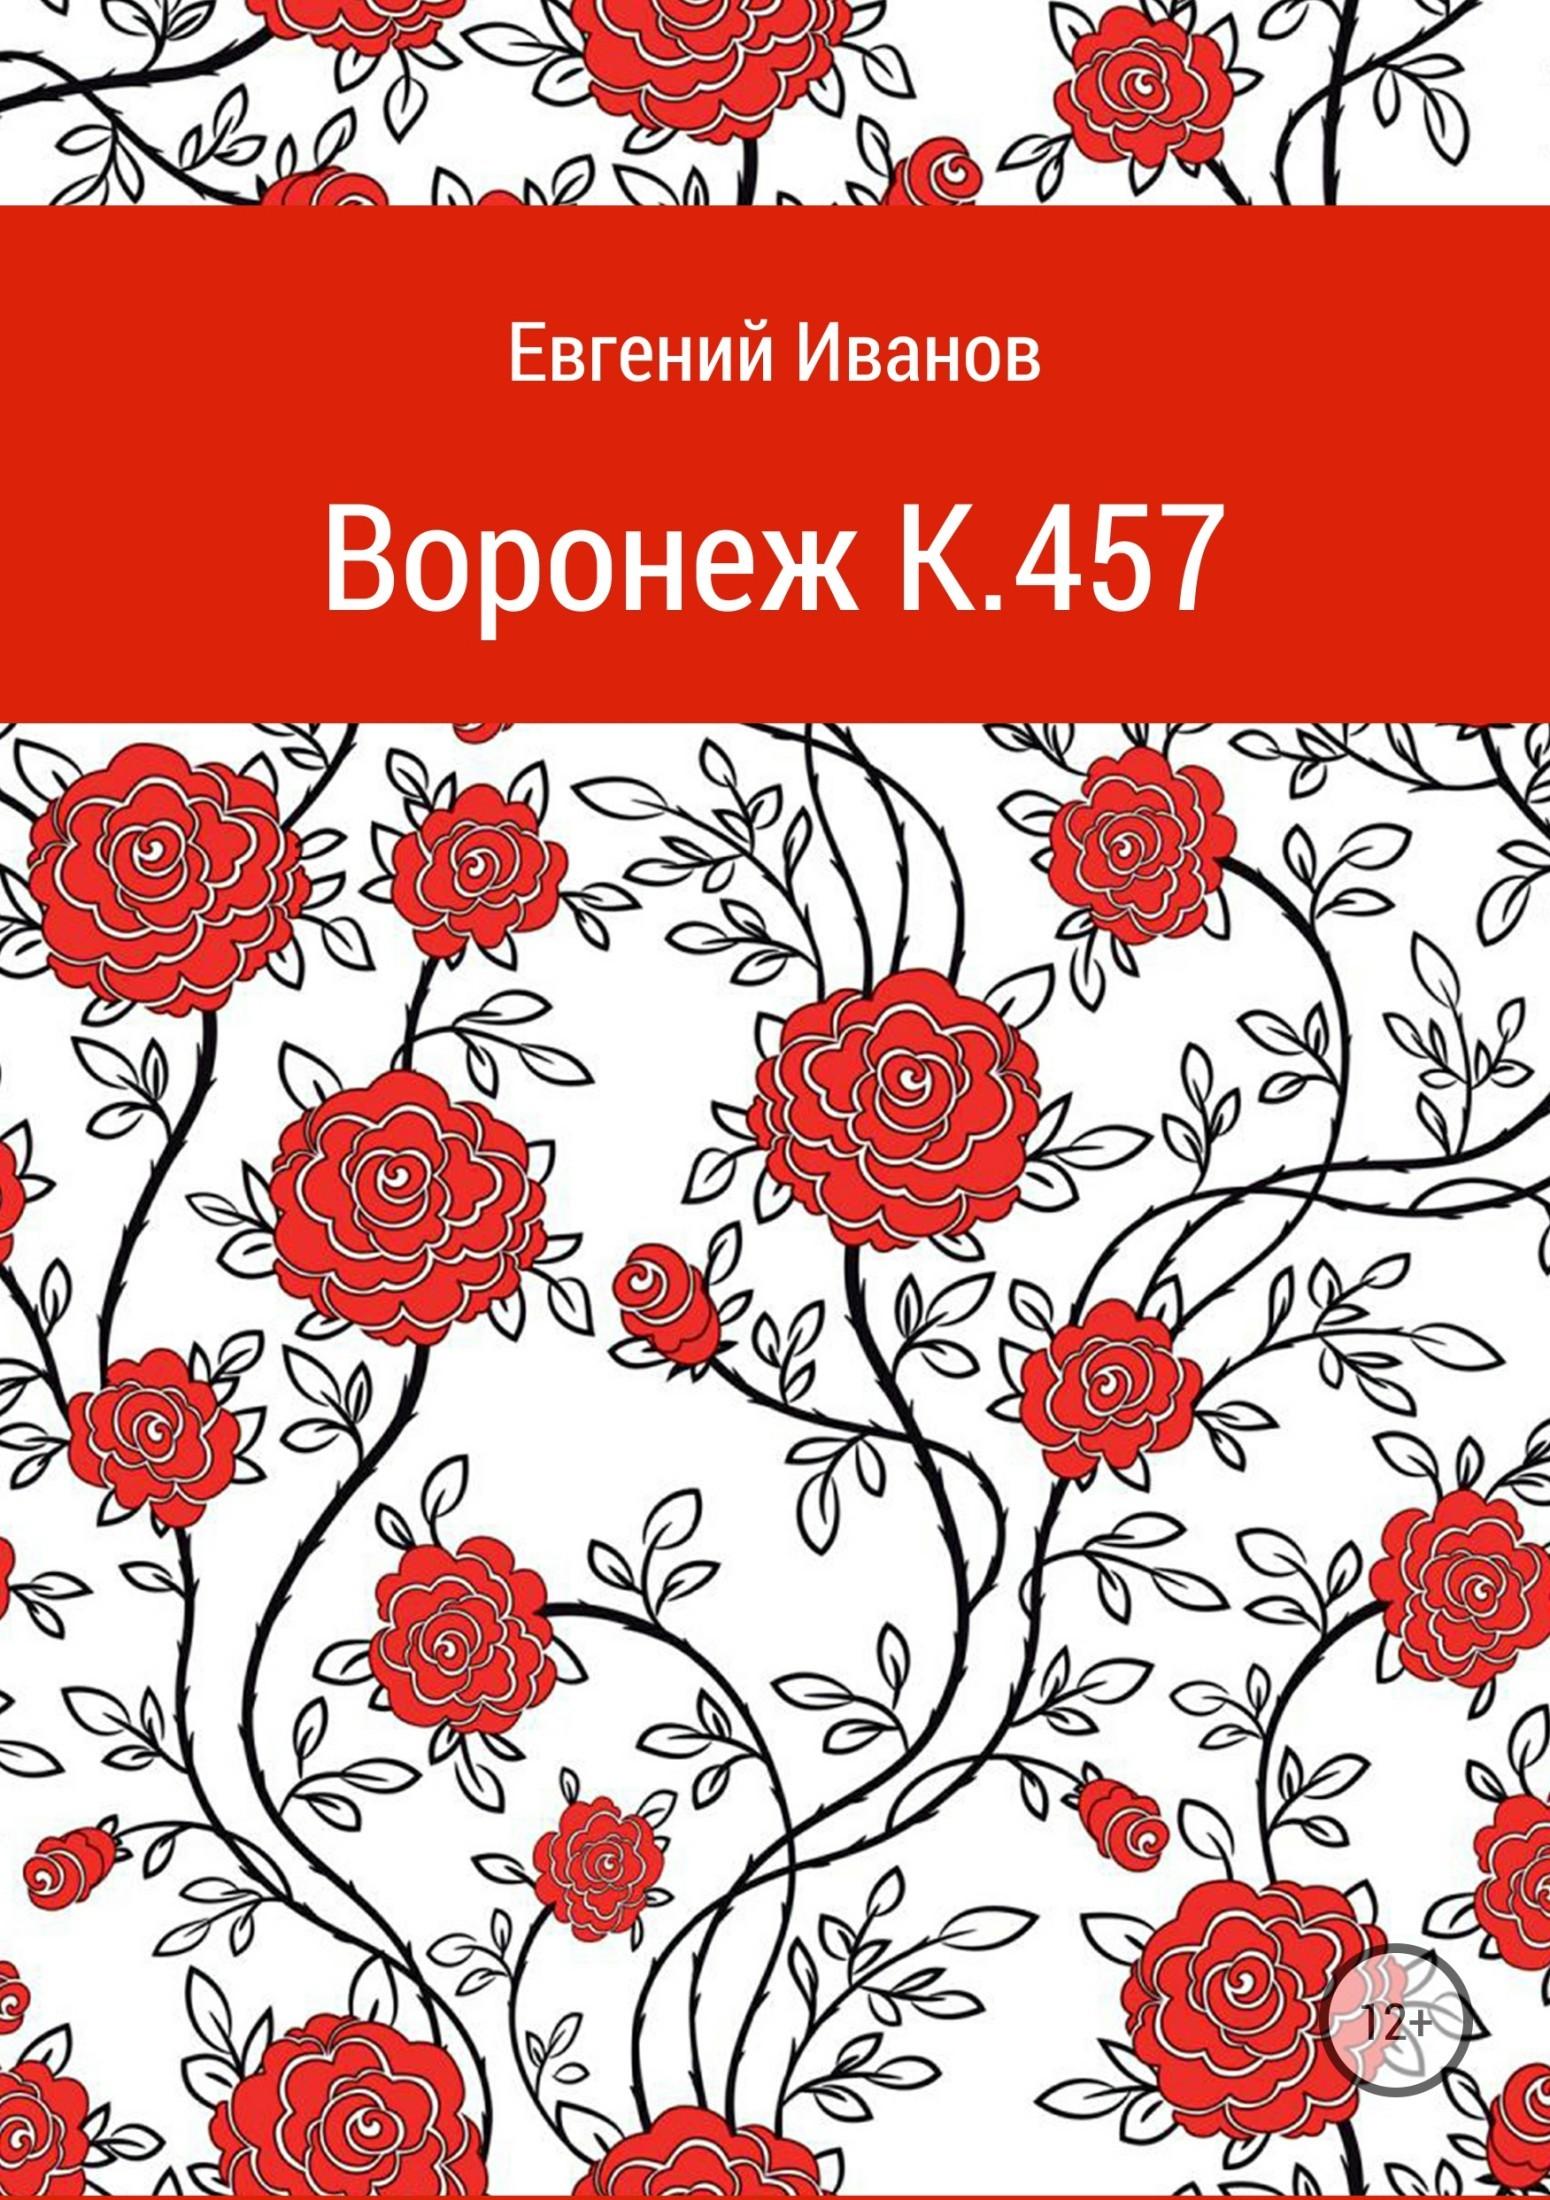 Евгений Геннадьевич Иванов Воронеж K.457